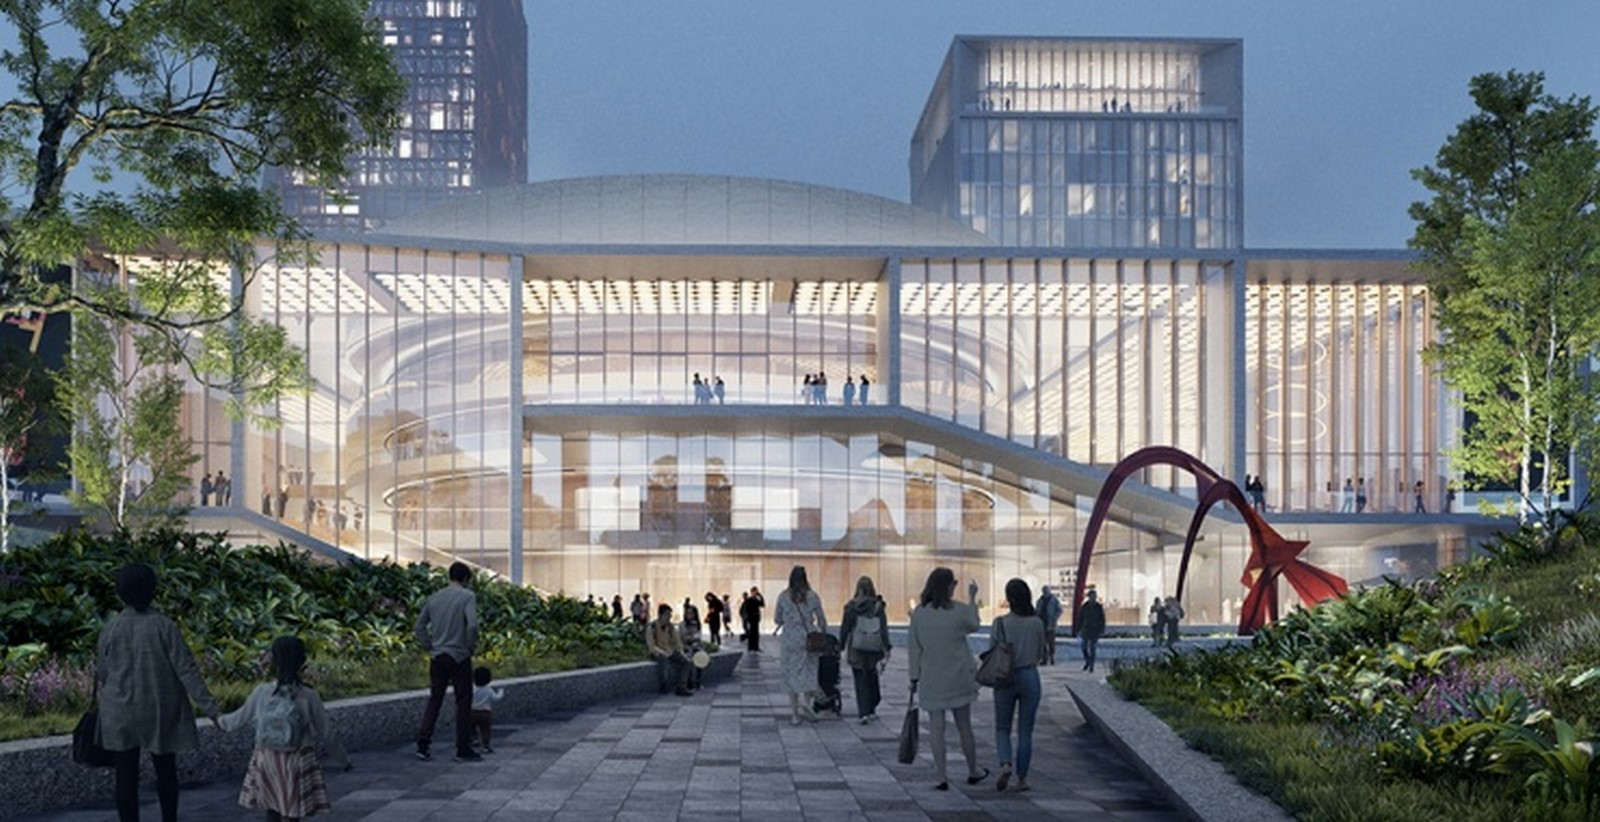 Architects in Hannover - Top 60 Architects in Hannover - Sheet15